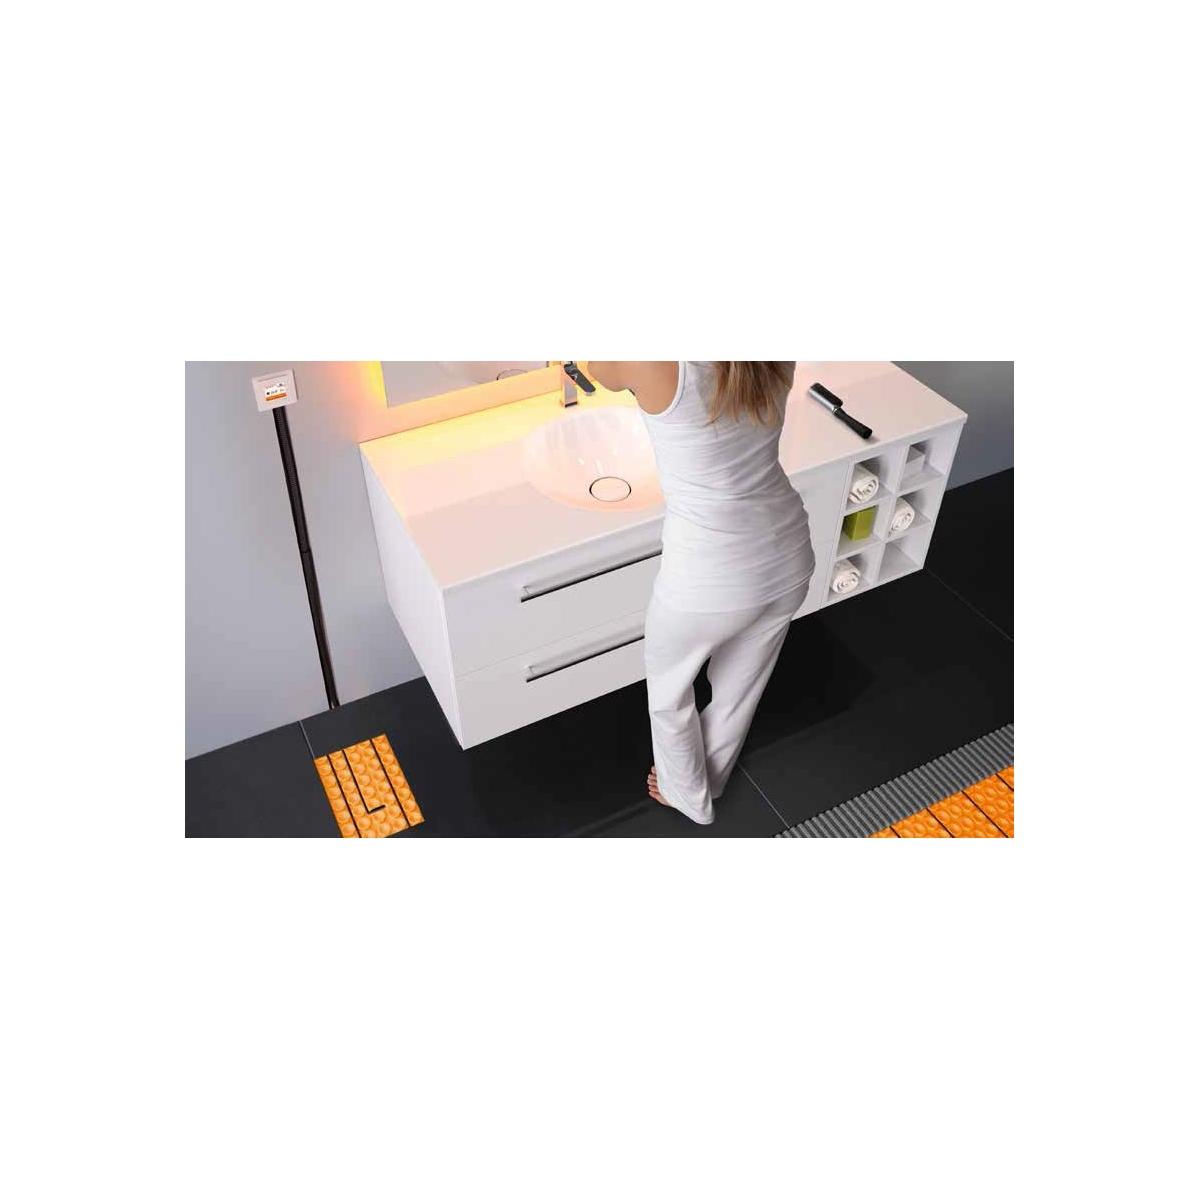 Suelo radiante mediante electricidad y termostato digital regulable y programable y wifi Schüter Systems Suelo radiante eléctric